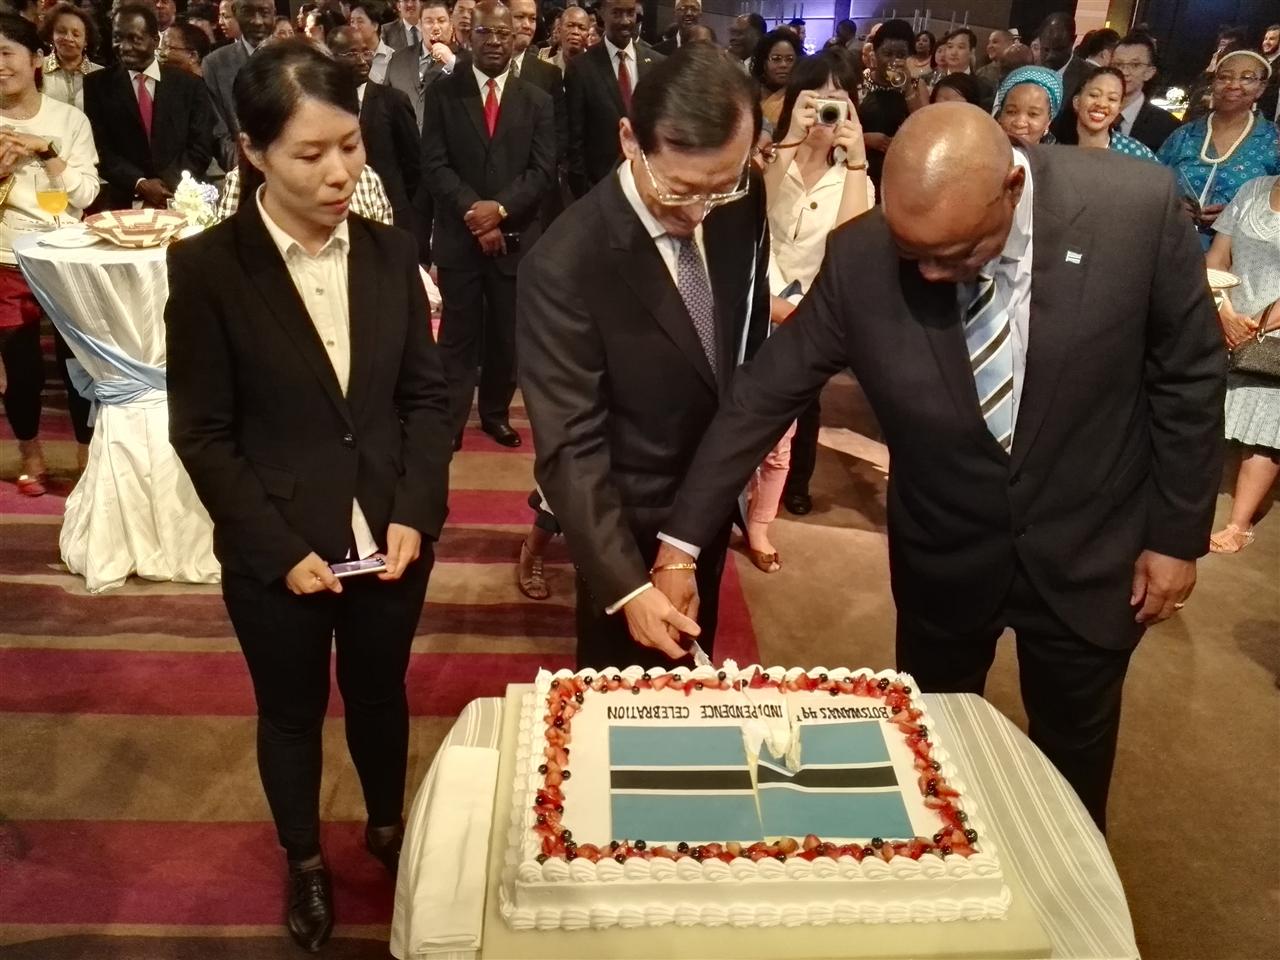 外交部张明副部长与向组委会崔江红秘书长共同出席博茨瓦纳独立日招待会